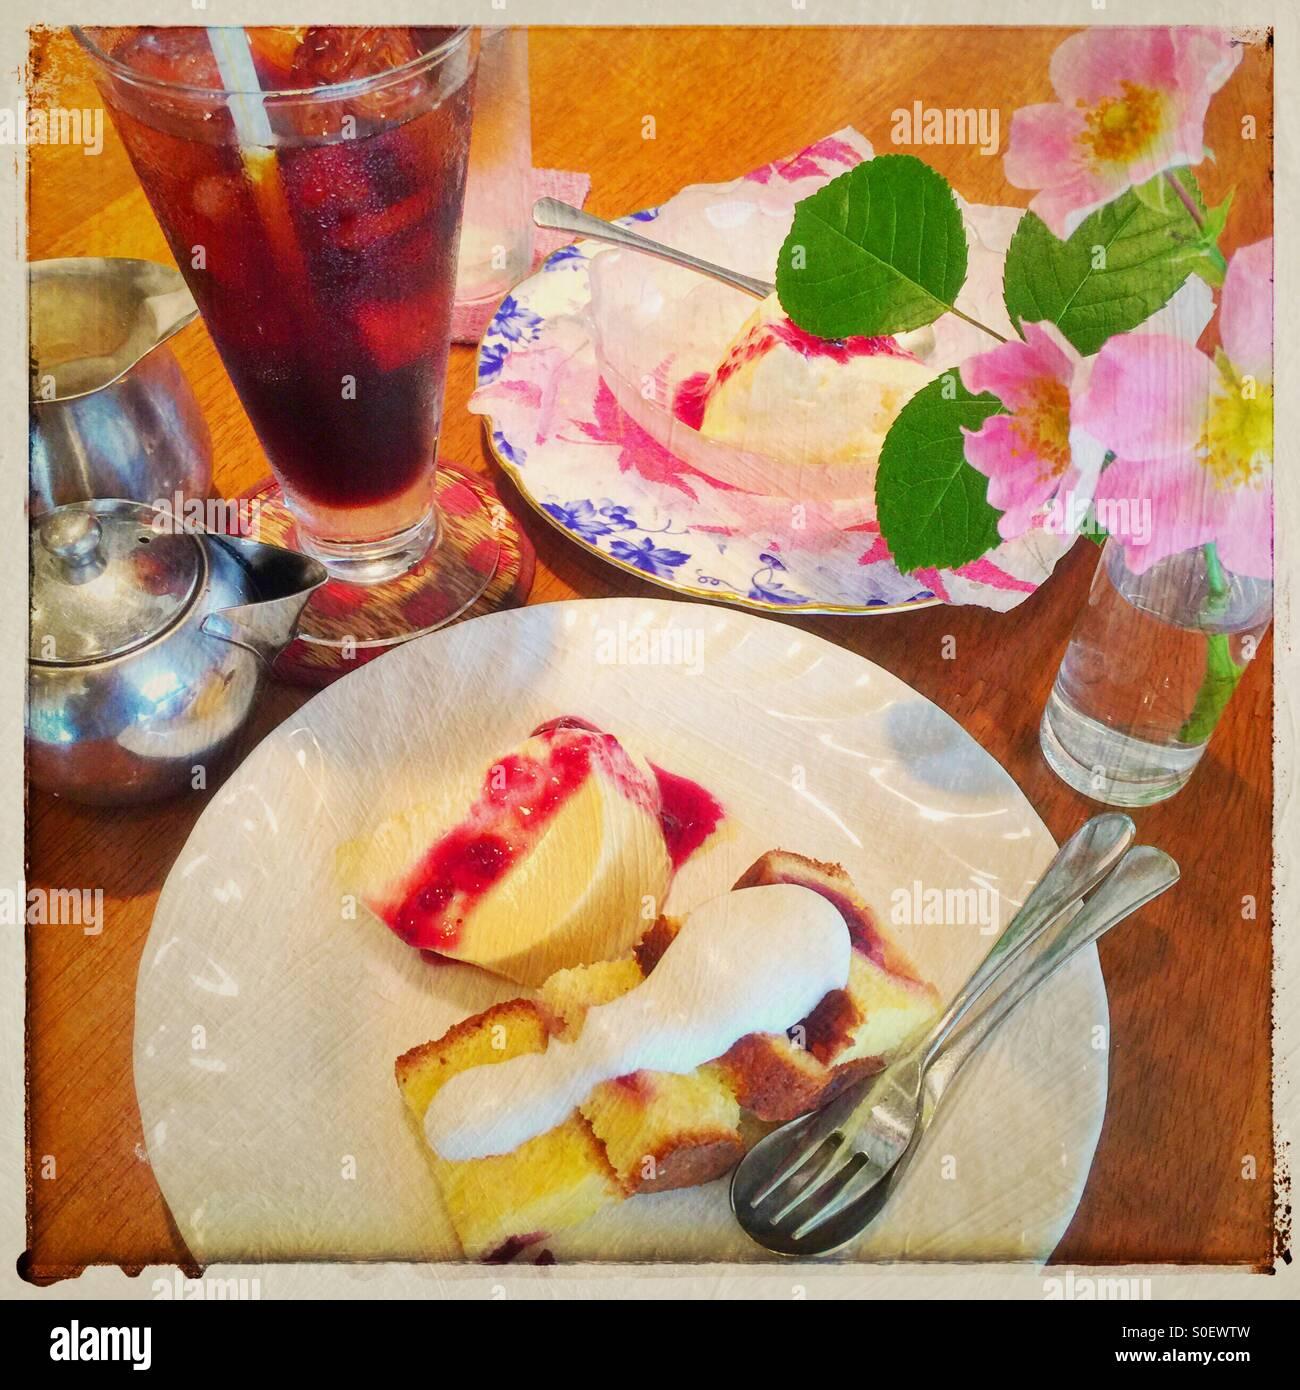 El té de la tarde con café helado, crema de Baviera con salsa de arándanos, bizcocho con crema batida topping y jarrón de rosas rosas silvestres. Bastidor Vintage y textura pictórica superposición. Foto de stock